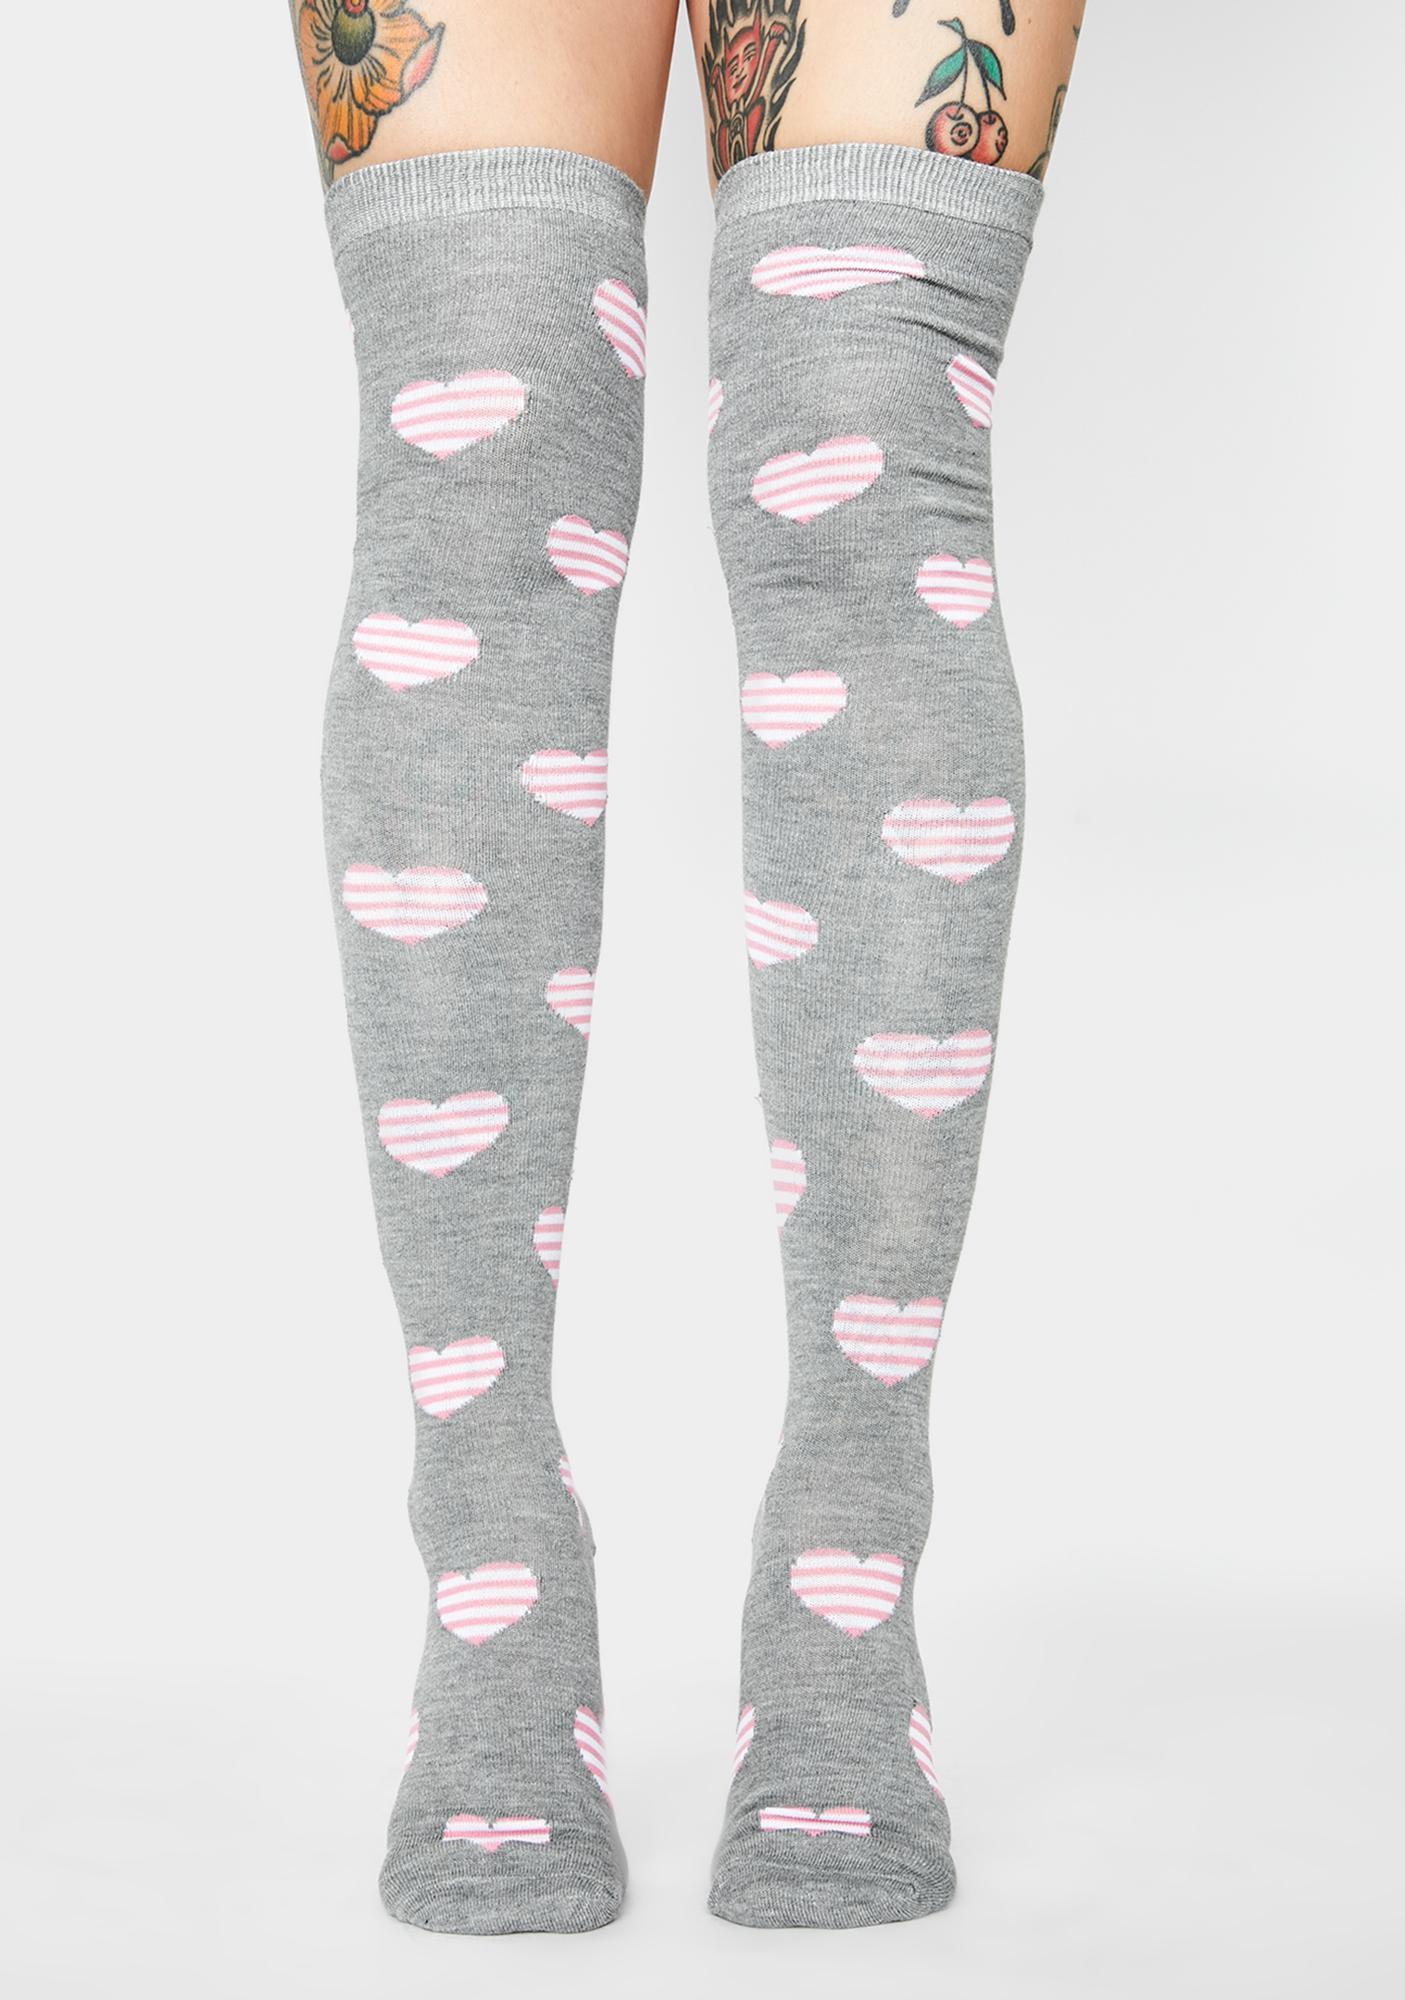 Passion Phreak Heart Socks